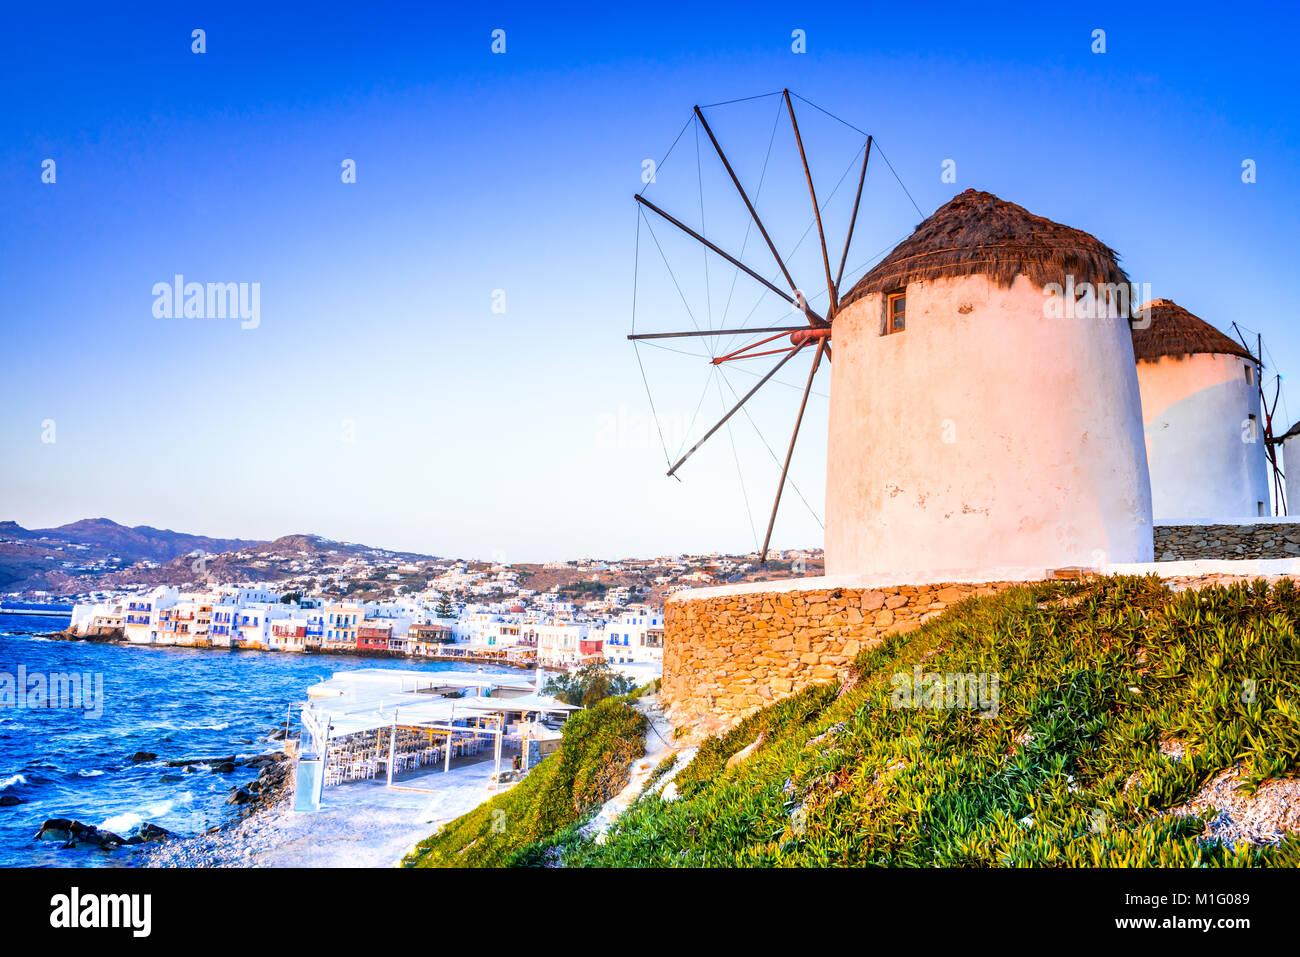 Mykonos, Grecia. Molinos de viento Kato Mili son característica icónica de la isla griega de Mykonos, Imagen De Stock